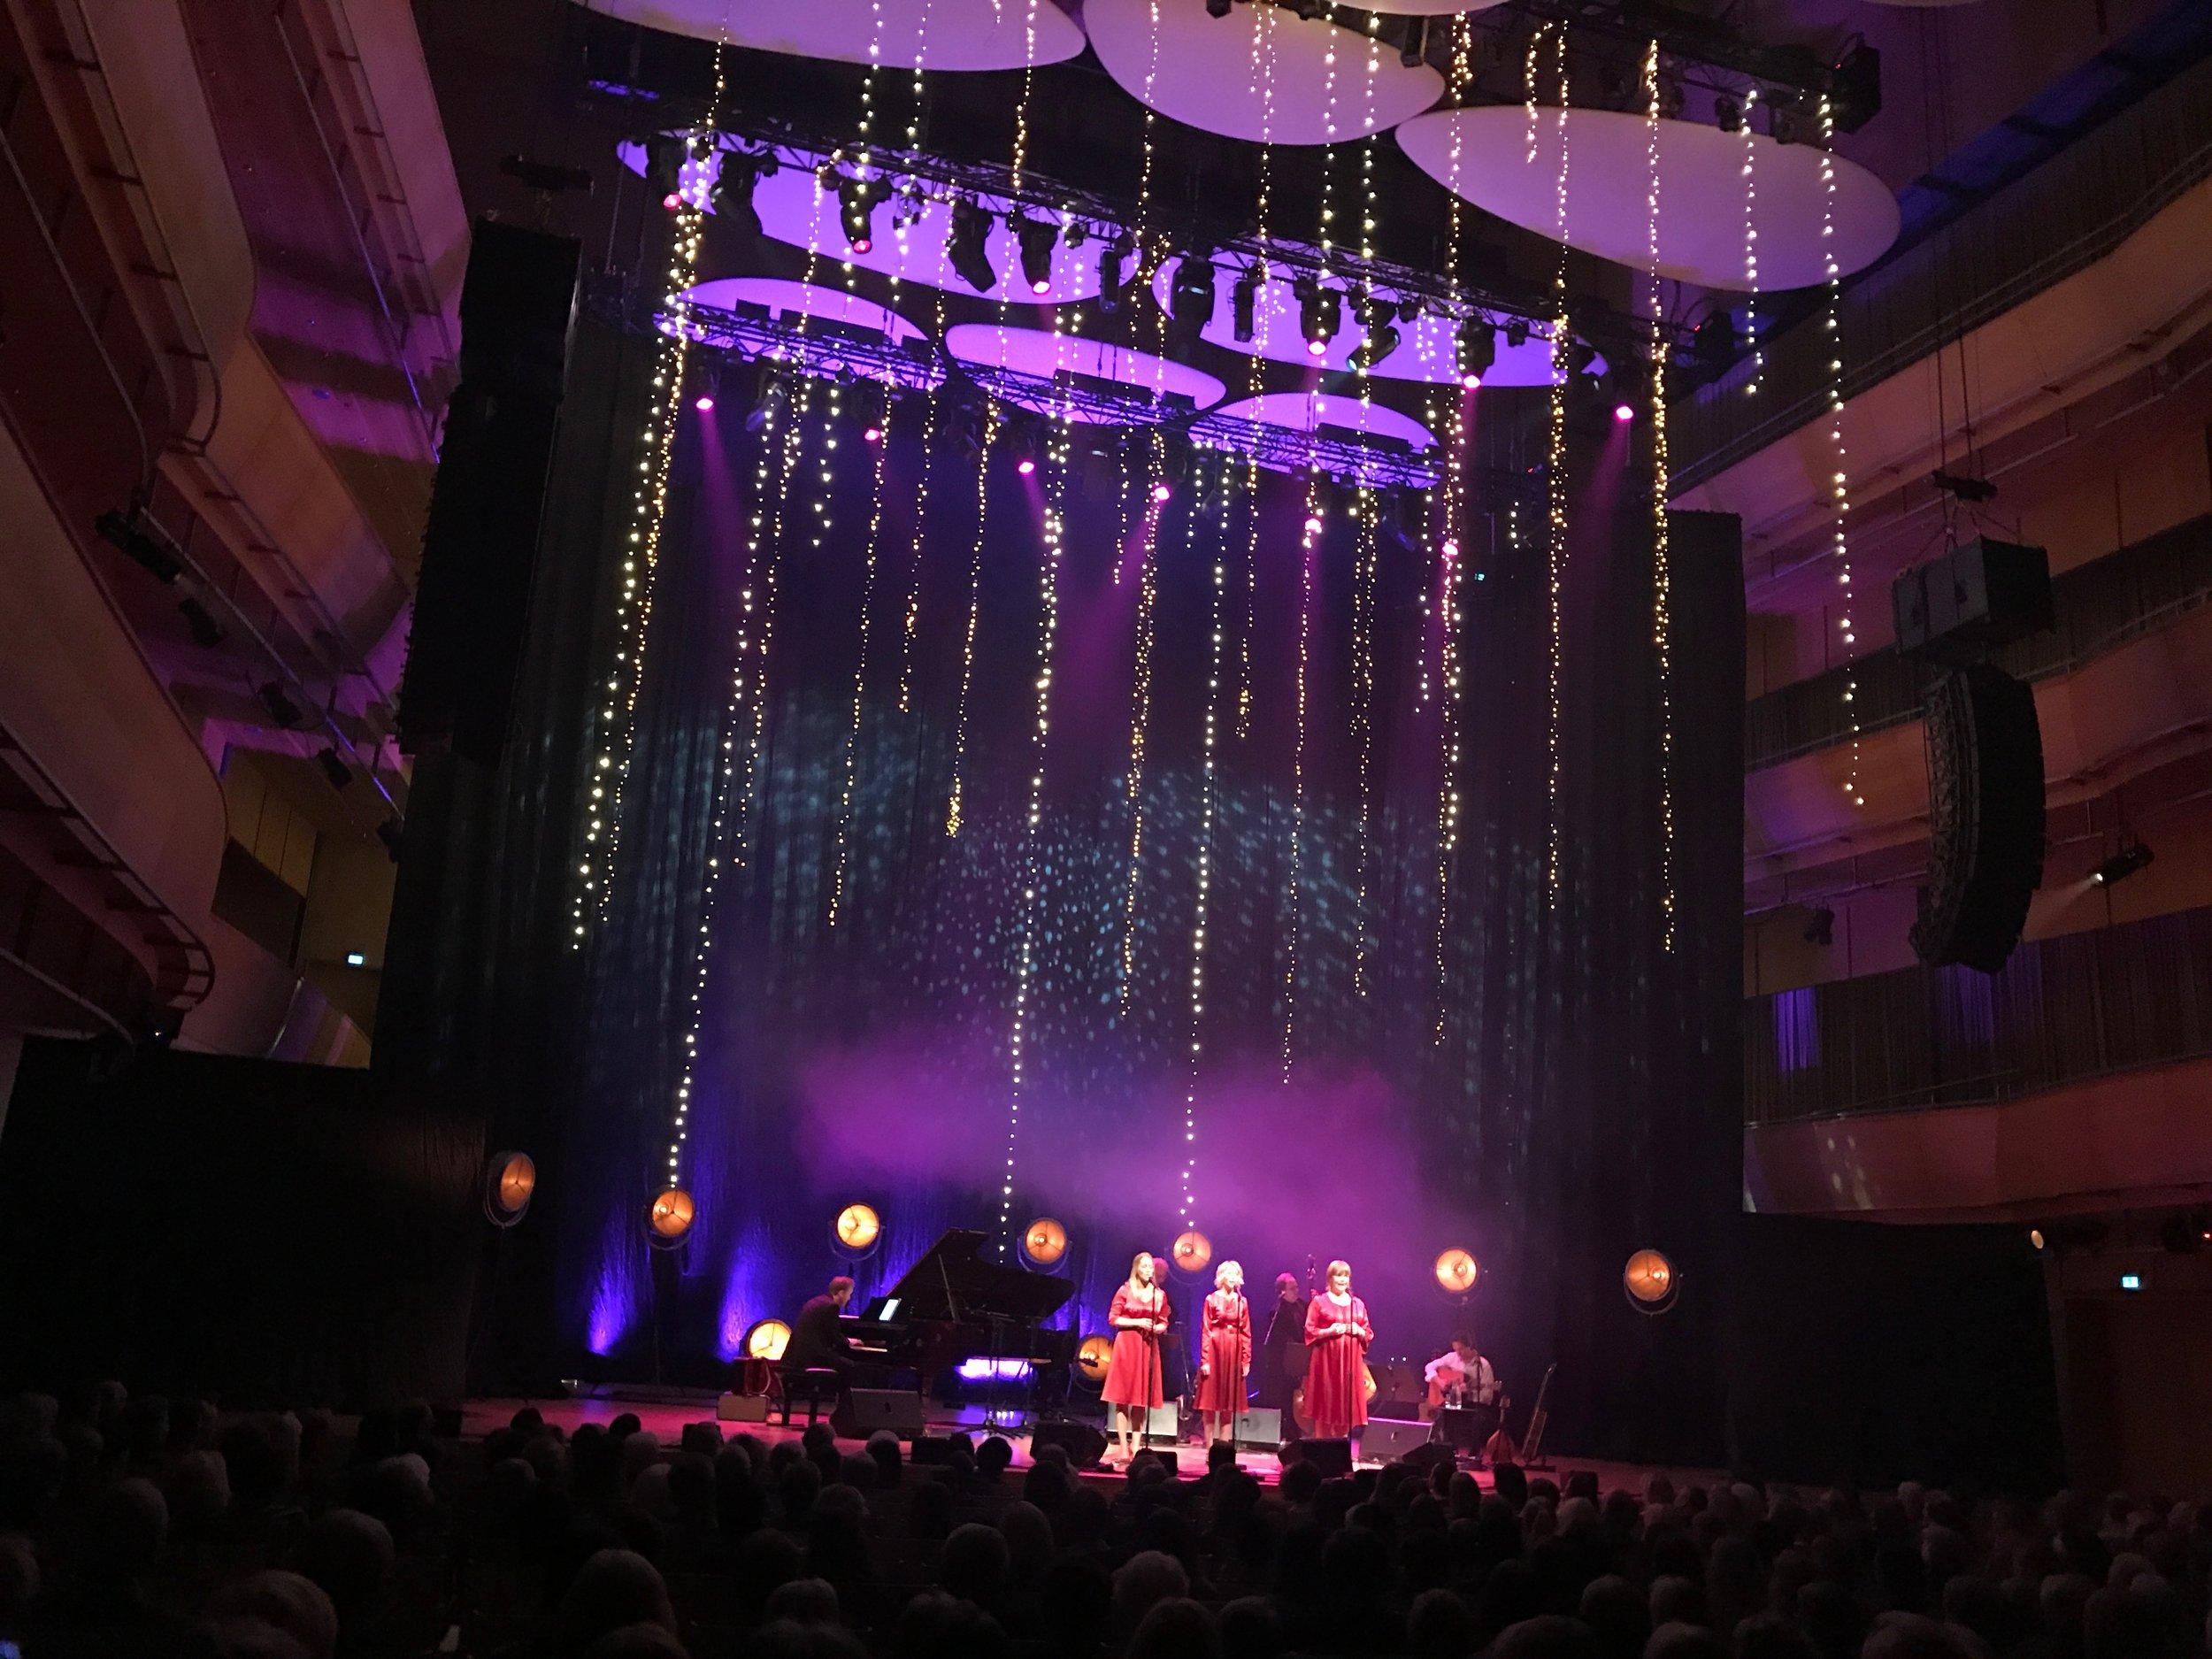 Fra søndagens Julestjerner-konsert i Fartein Valen-salen i Stavanger konserthus. (Foto: Kristin Aalen)